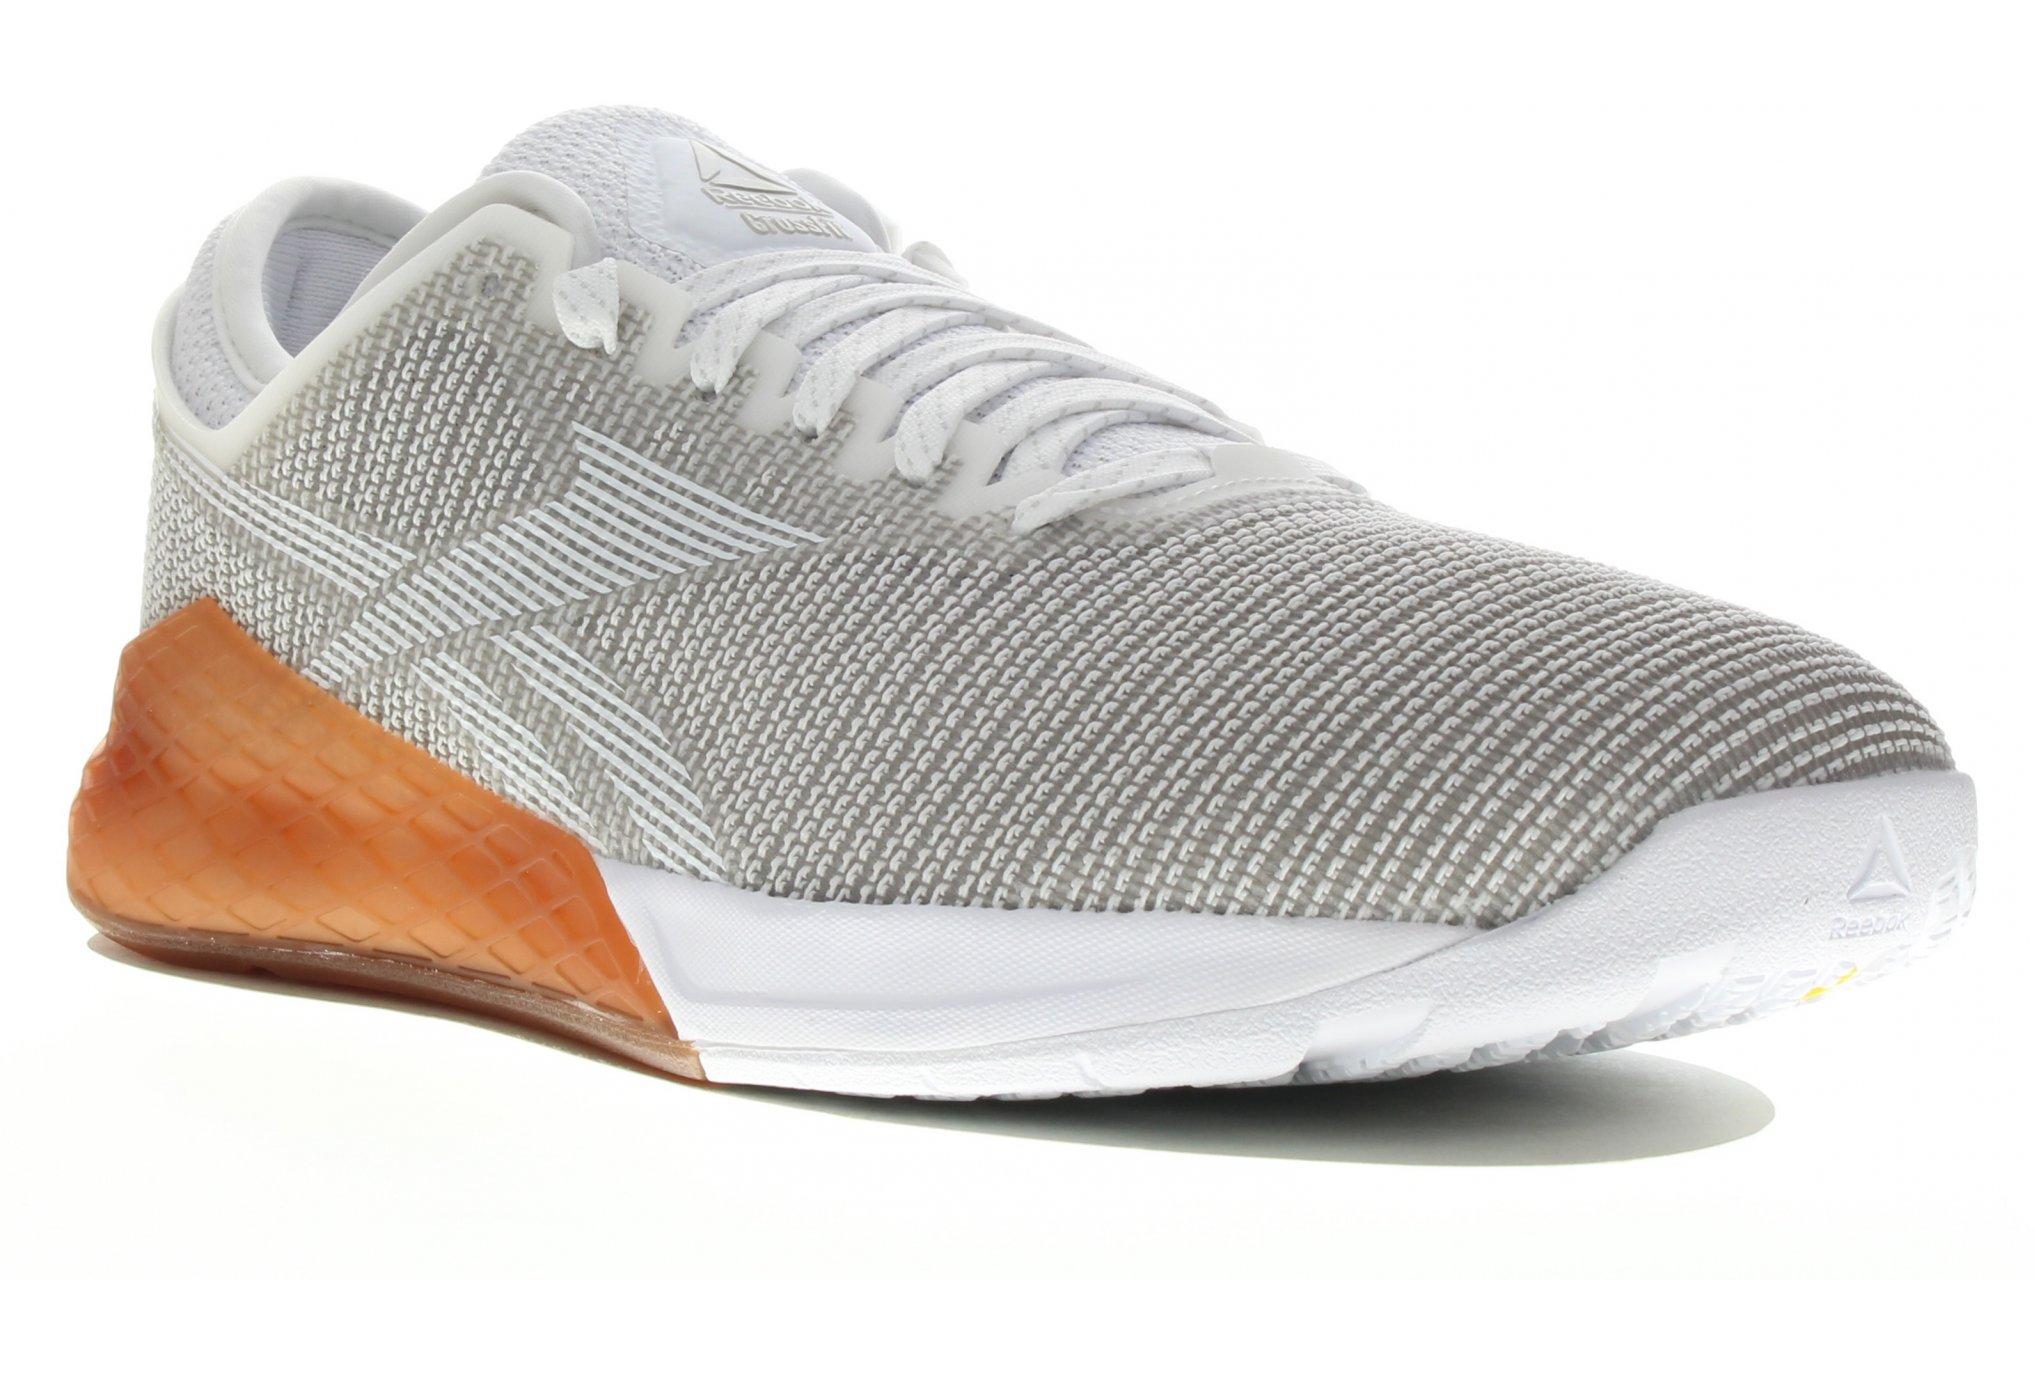 Reebok Nano 9 M Diététique Chaussures homme